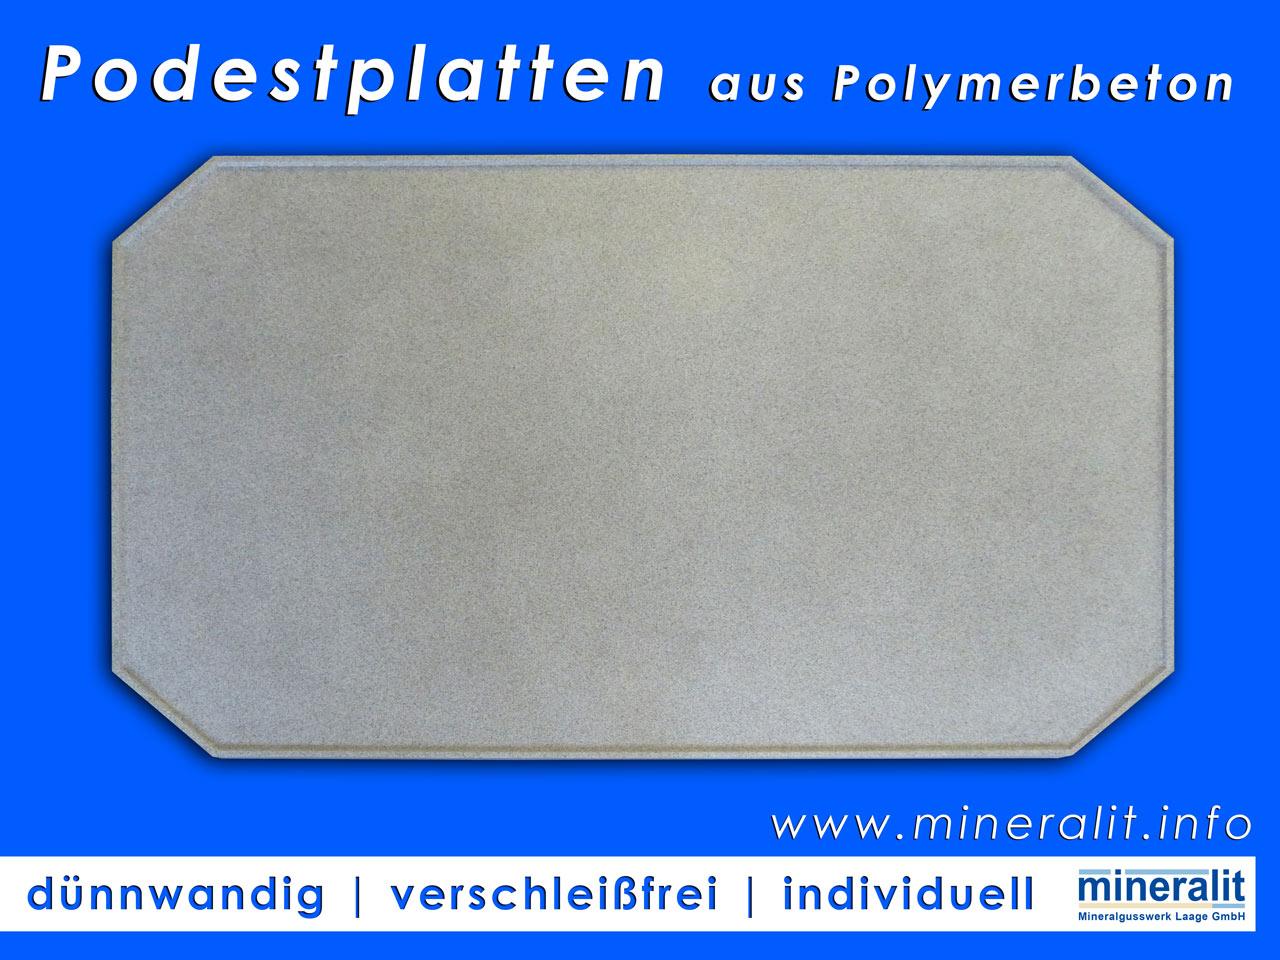 gro formatige podestplatten aus verschlei freiem polymerbeton. Black Bedroom Furniture Sets. Home Design Ideas